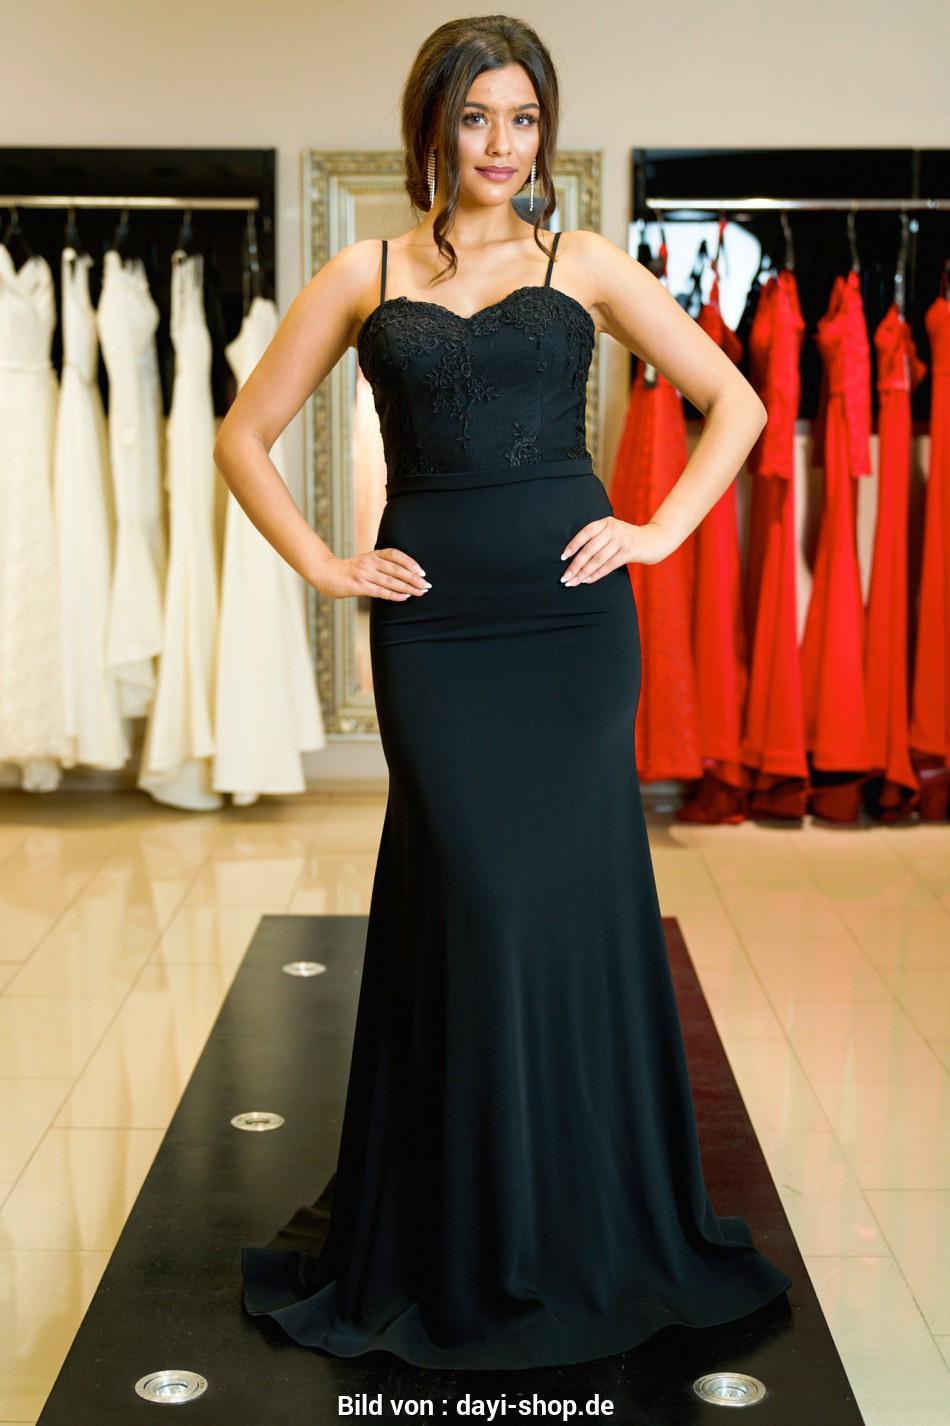 17 Fantastisch Abend Kleid Duisburg Ärmel15 Schön Abend Kleid Duisburg Boutique